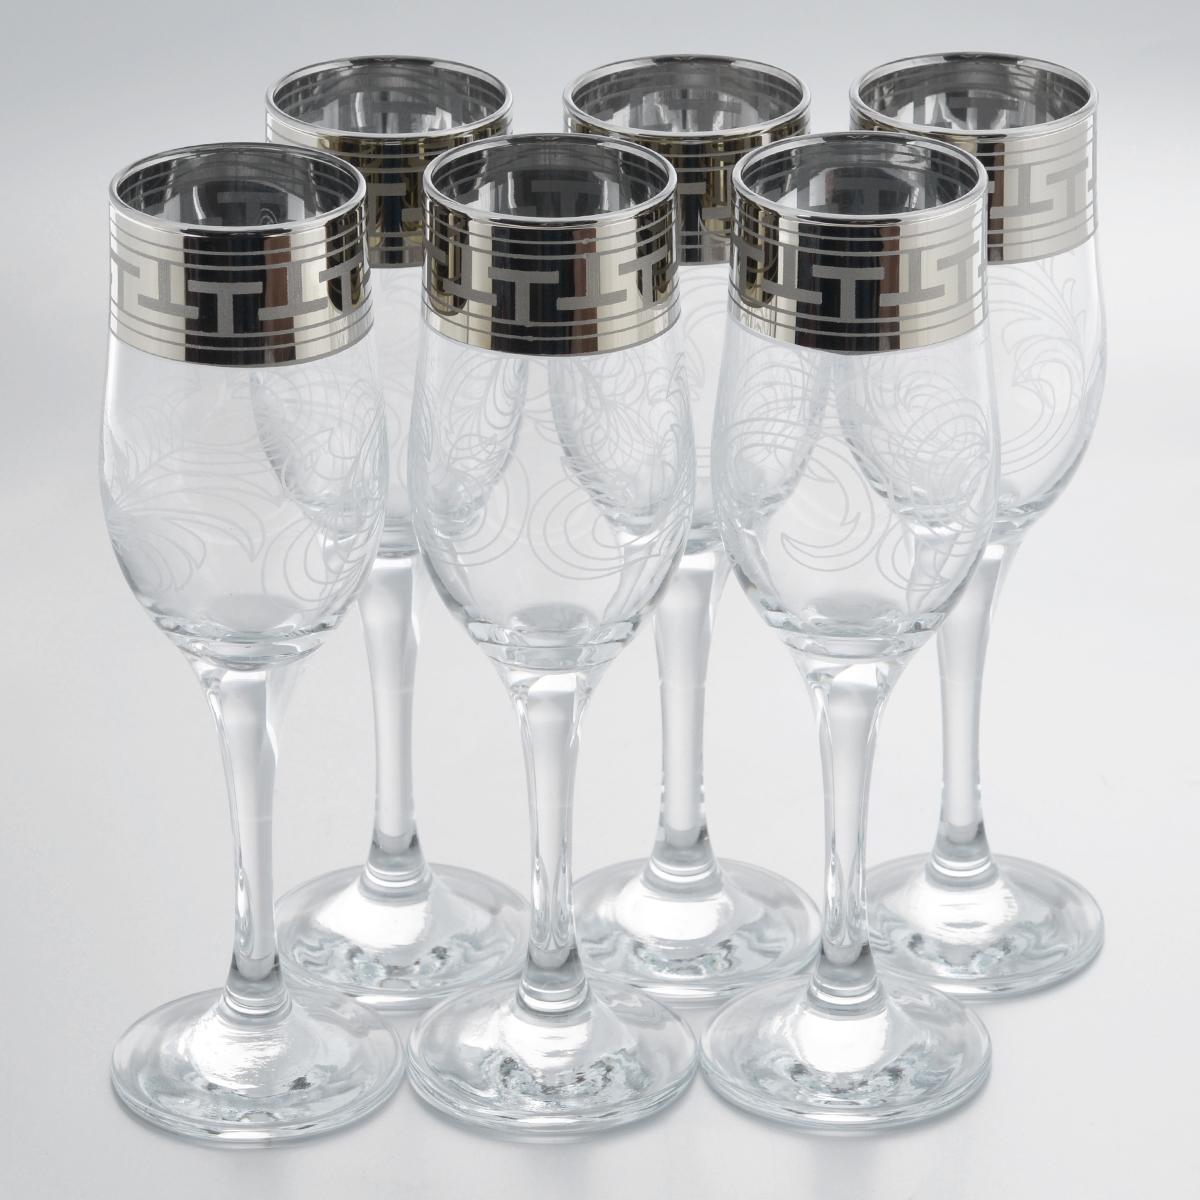 Набор бокалов Гусь-Хрустальный Греческий узор, 200 мл, 6 штVT-1520(SR)Набор Гусь-Хрустальный Греческий узор состоит из 6 бокалов на длинных тонких ножках, изготовленных из высококачественного натрий-кальций-силикатного стекла. Изделия оформлены красивым зеркальным покрытием, белым матовым орнаментом и серебристой каймой в виде греческого узора. Такой набор прекрасно дополнит праздничный стол и станет желанным подарком в любом доме. Разрешается мыть в посудомоечной машине. Диаметр бокала (по верхнему краю): 5 см. Высота бокала: 20,5 см. Диаметр основания бокала: 6,3 см.